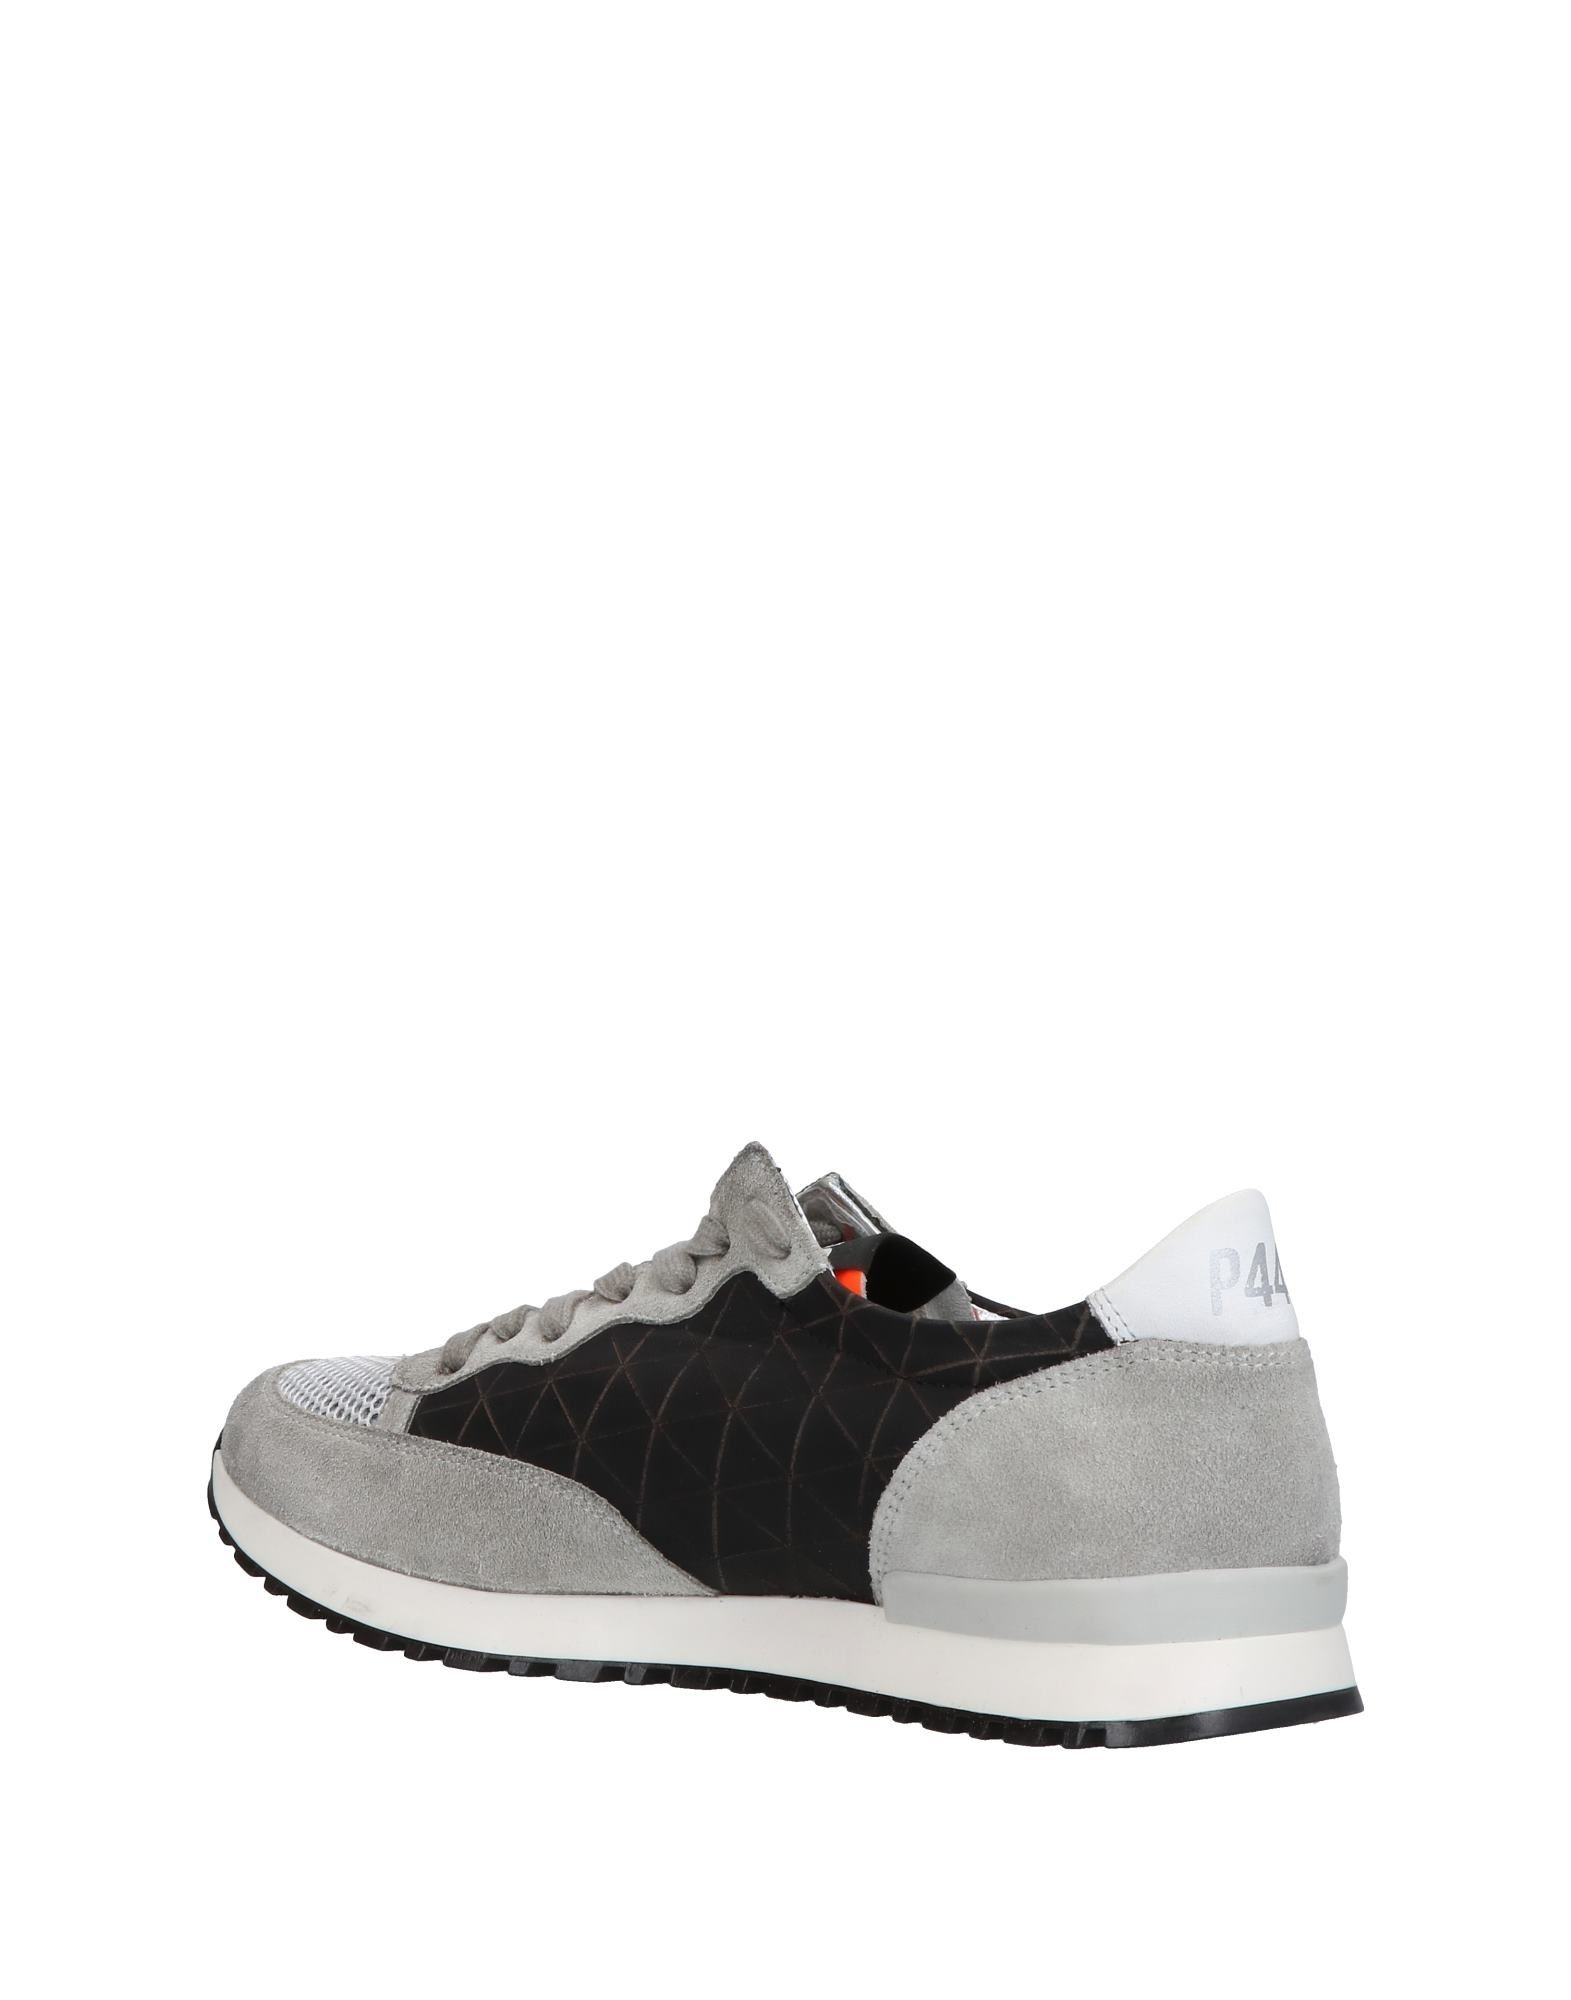 P448 Sneakers Herren 11339026QG  11339026QG Herren Heiße Schuhe ef58fc